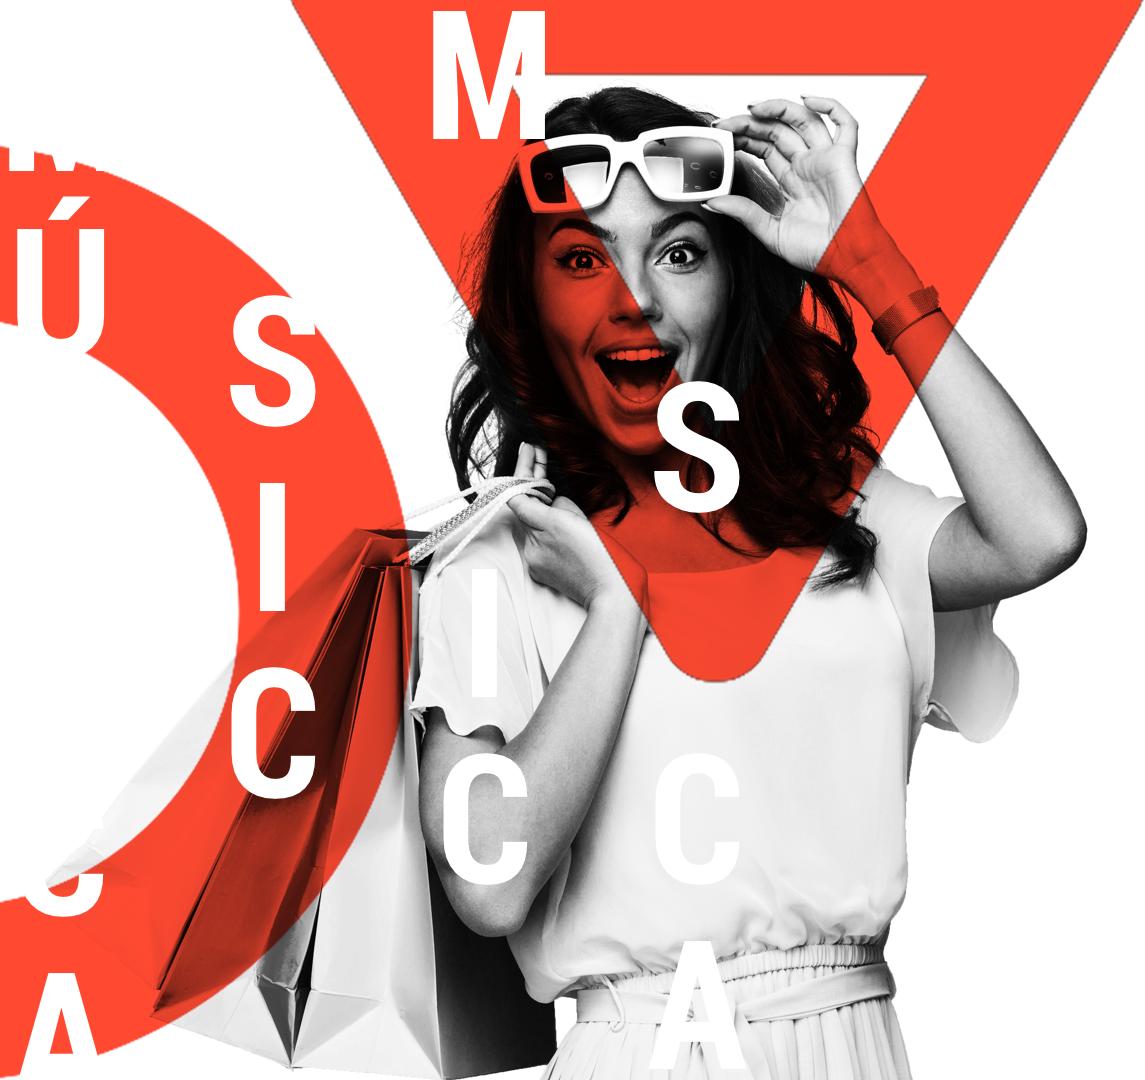 Música ambiental para locales, aumentar ventas, fidelizar clientes   Kasimu Venezuela